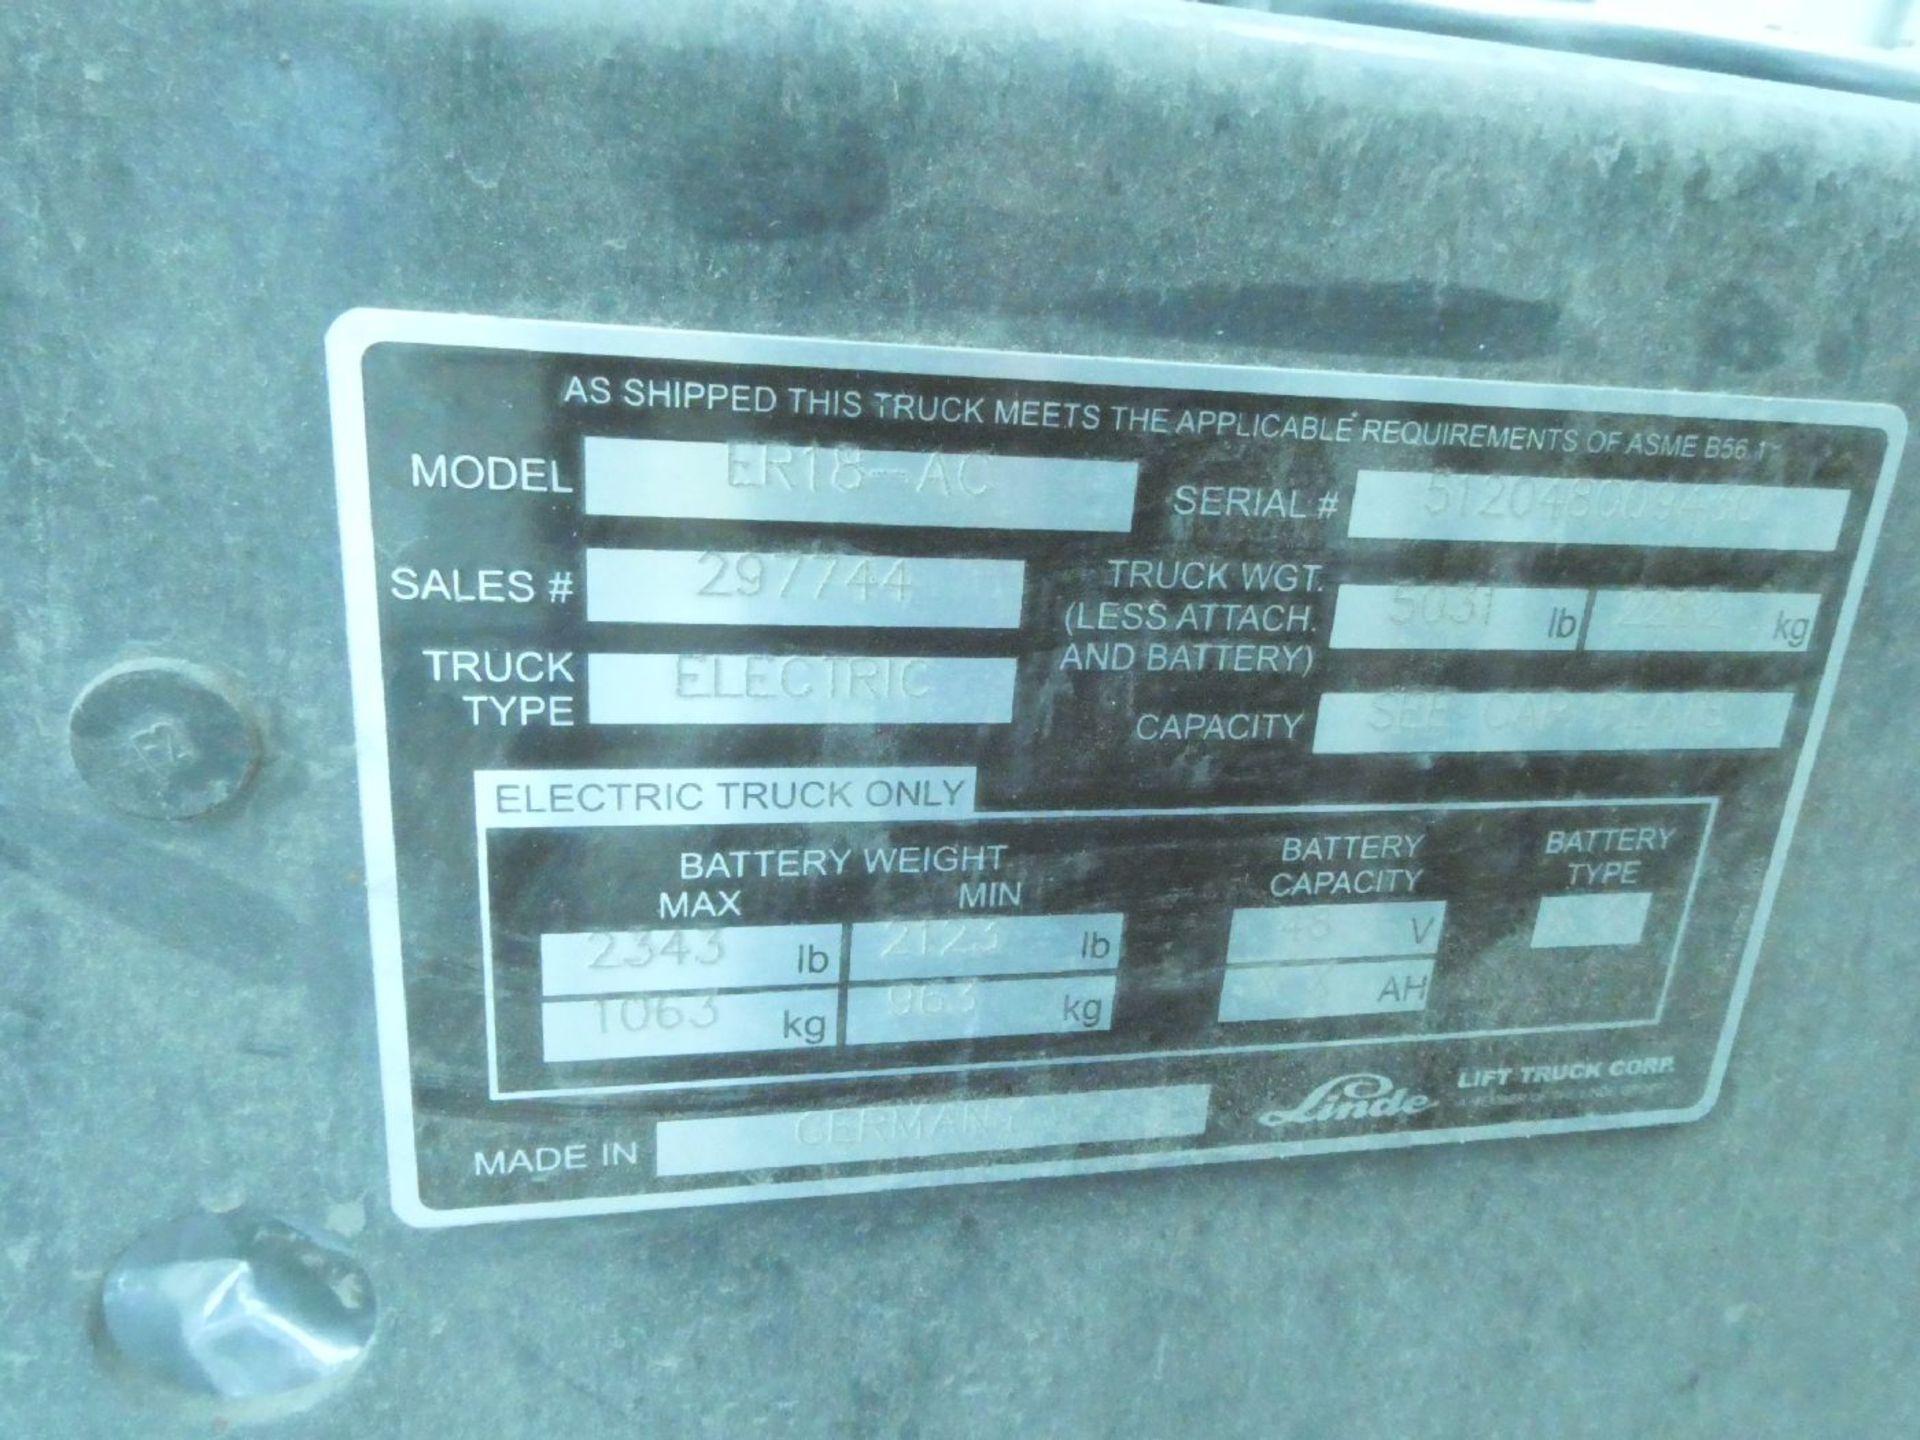 Linde ER18-AC 2600-Lb. Electric Fork Lift Truck - Image 4 of 6